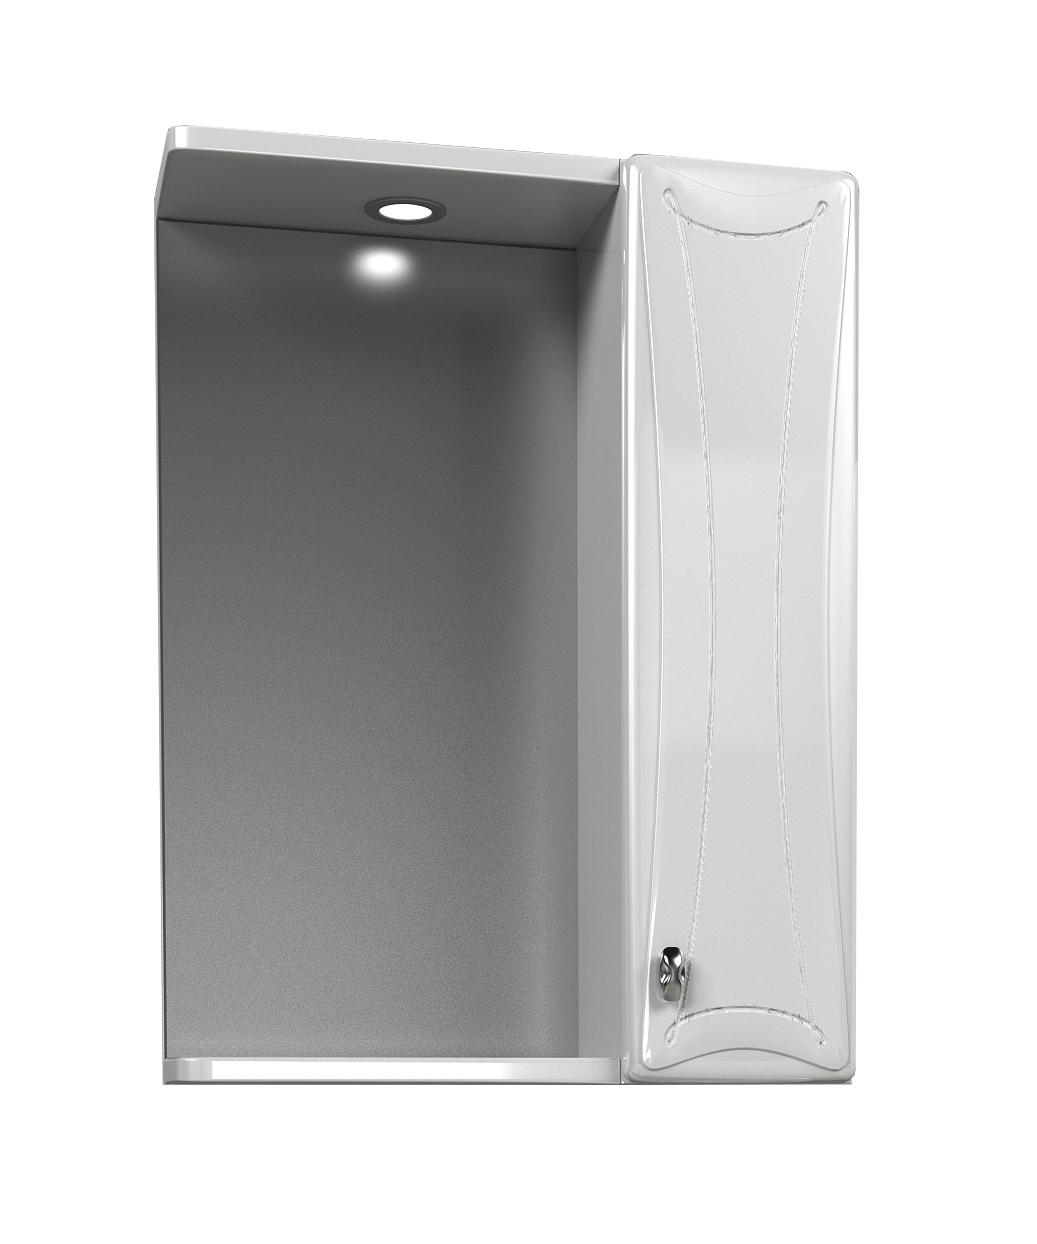 Зеркальный шкаф Aqualife design Котка 60